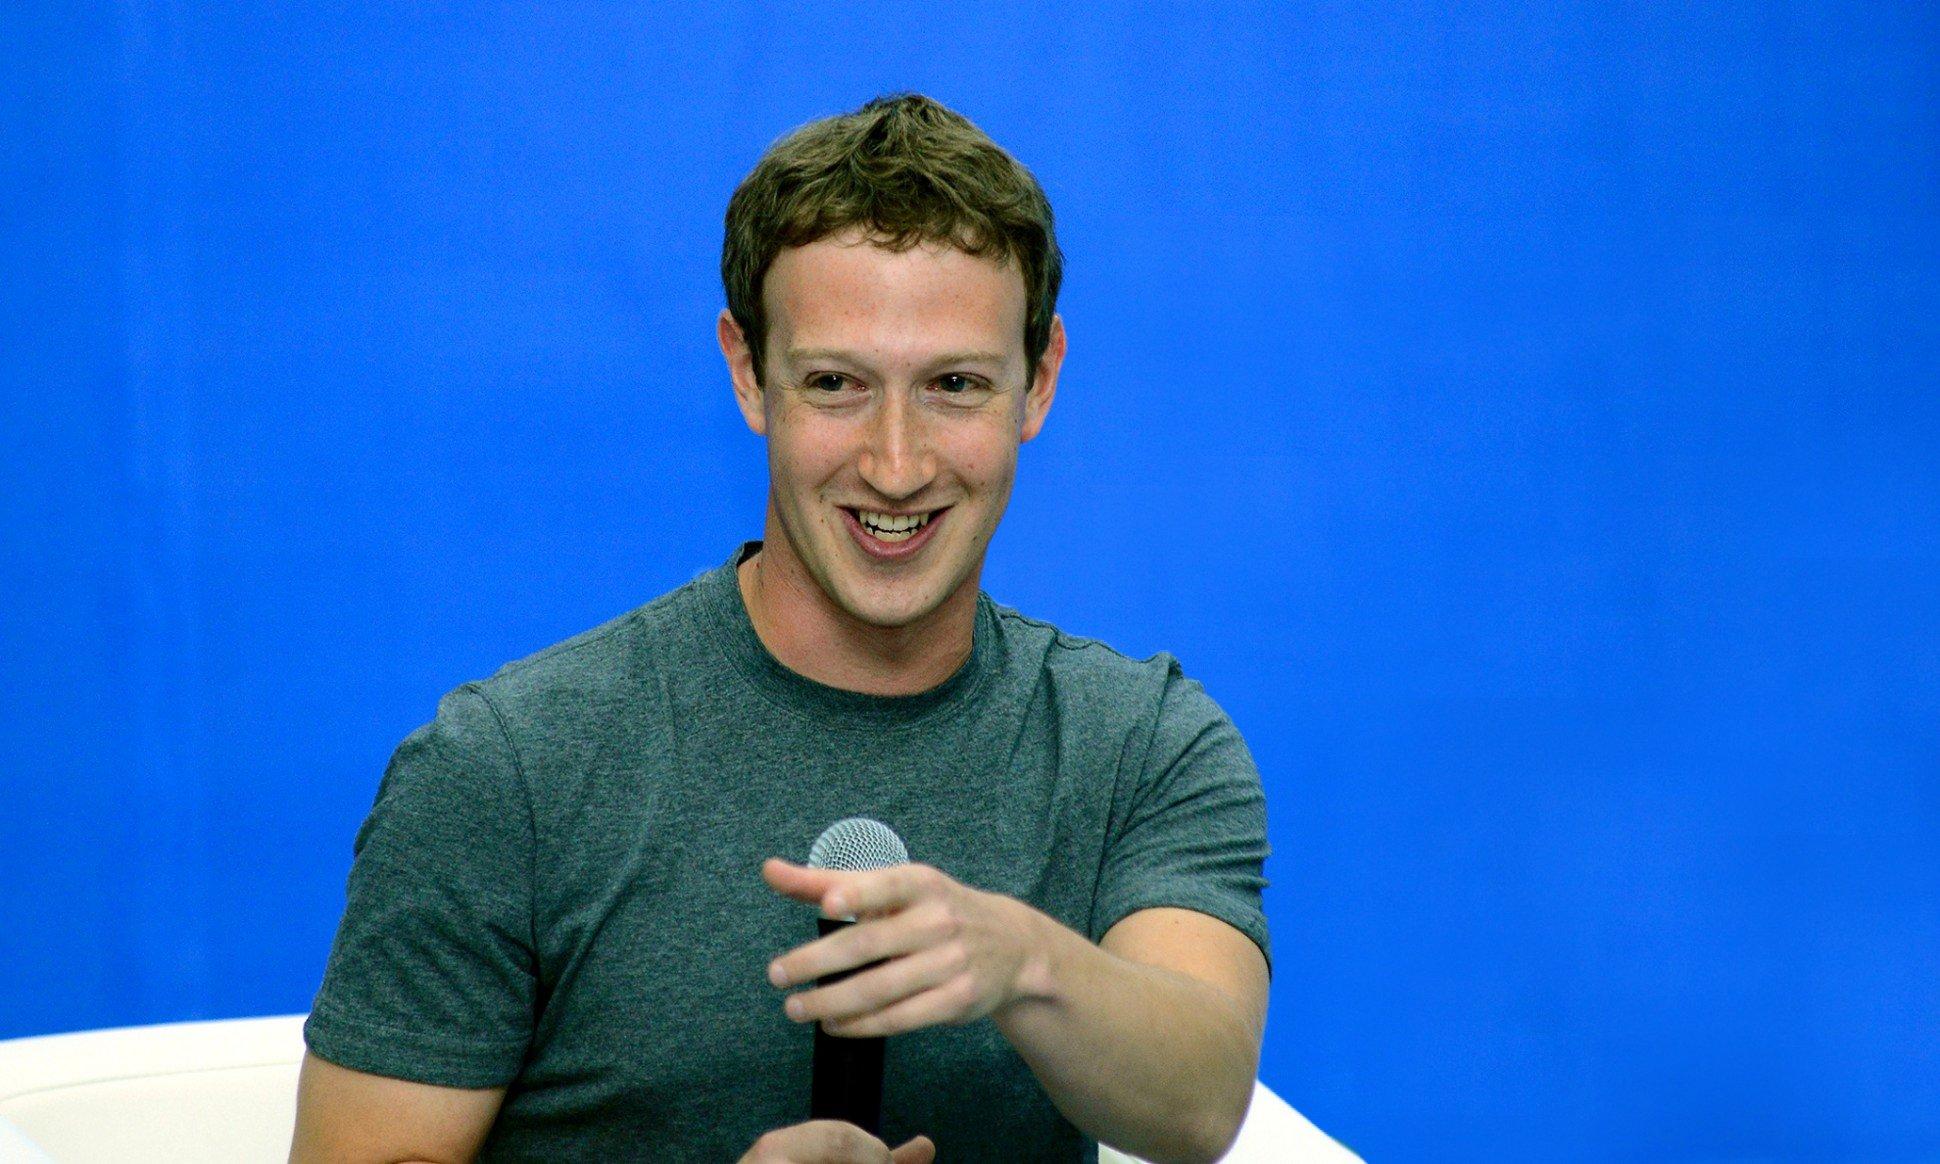 Facebook Quietly Begins FactChecking Political Photos and Videos